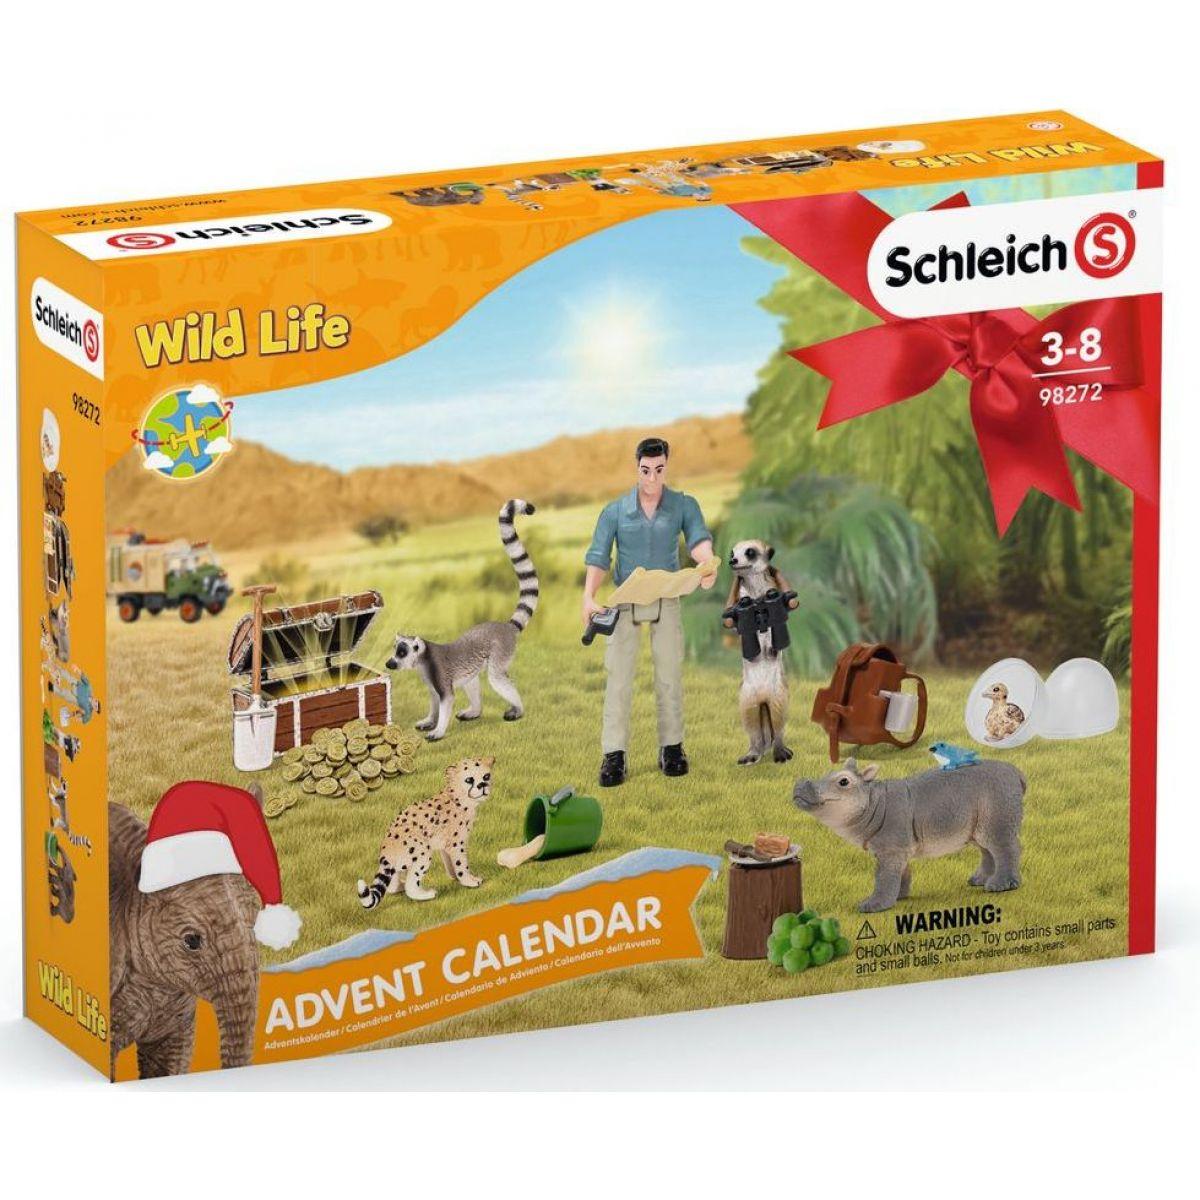 Schleich Adventný kalendár 2021 Africké zvieratá